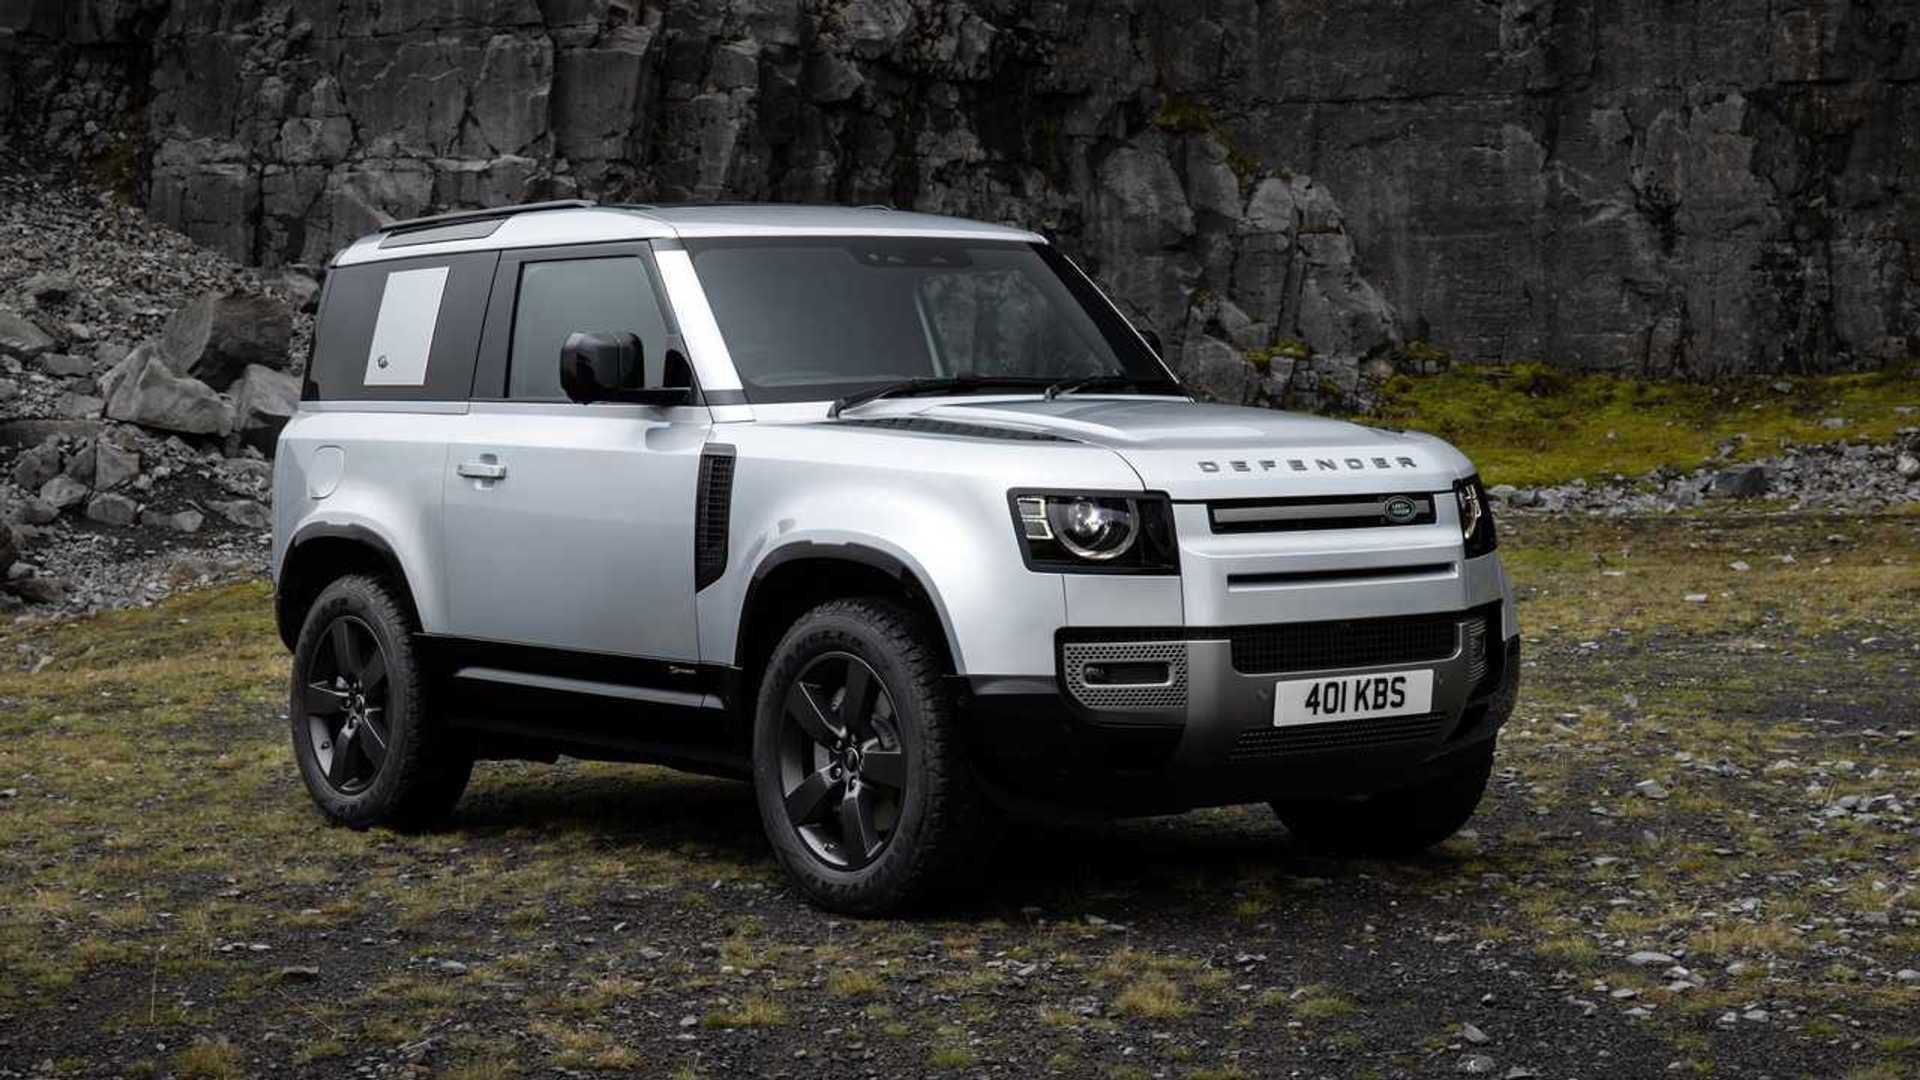 2021 Land Rover Defender Gets Some Updates And Shorter 90 Model